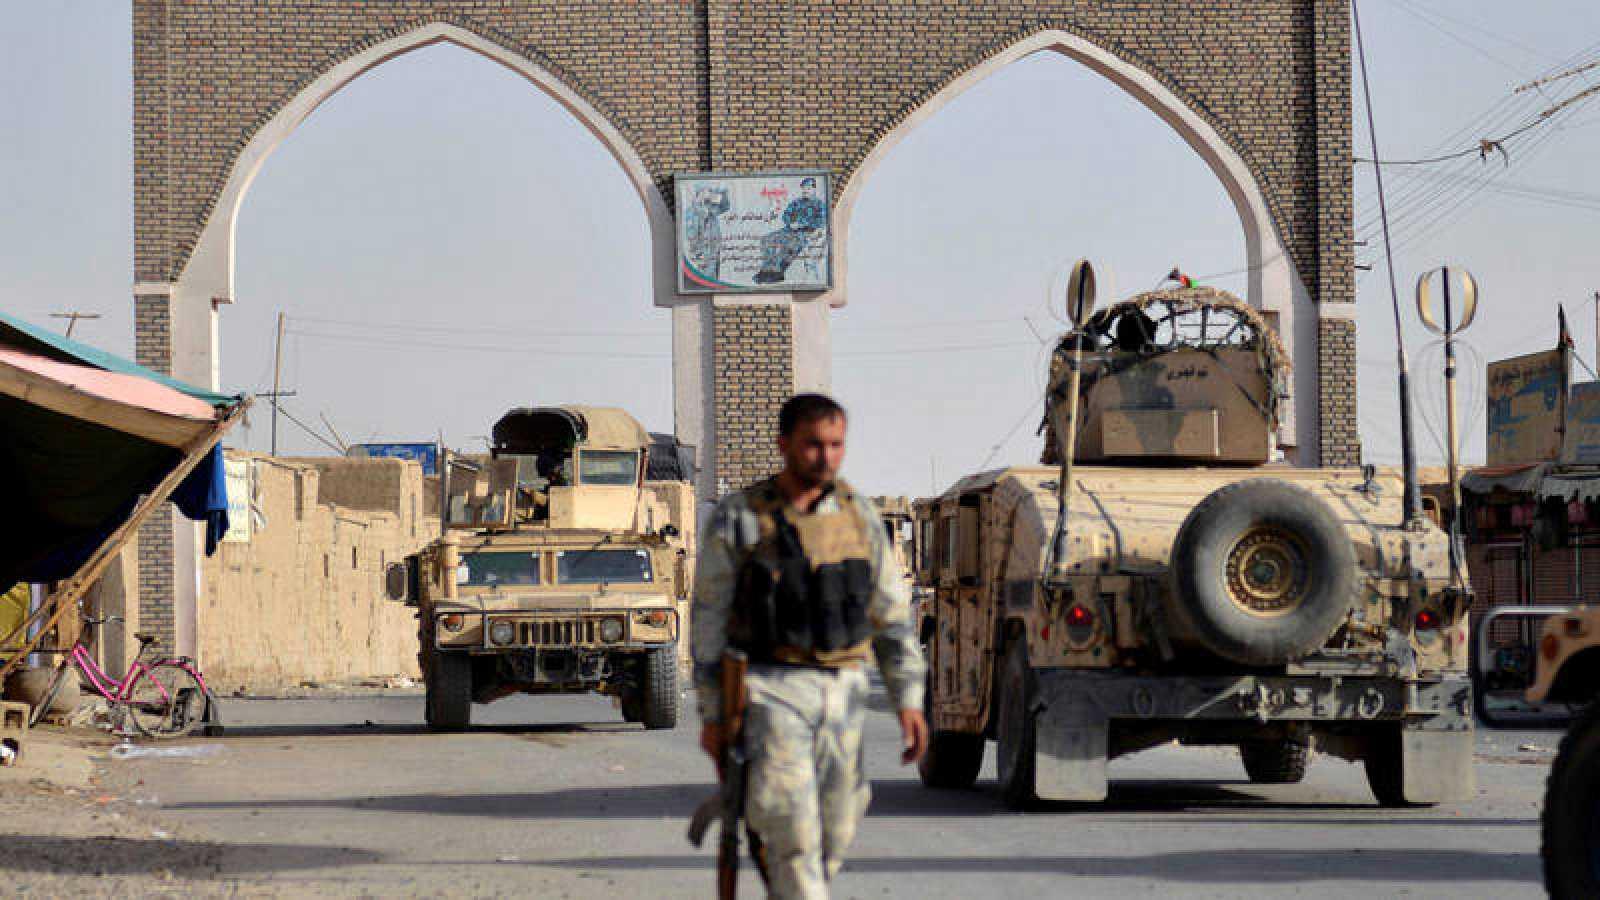 Un guardia de seguridad afgano en Ghazni, este del país, durante la ofensiva de los talibanes